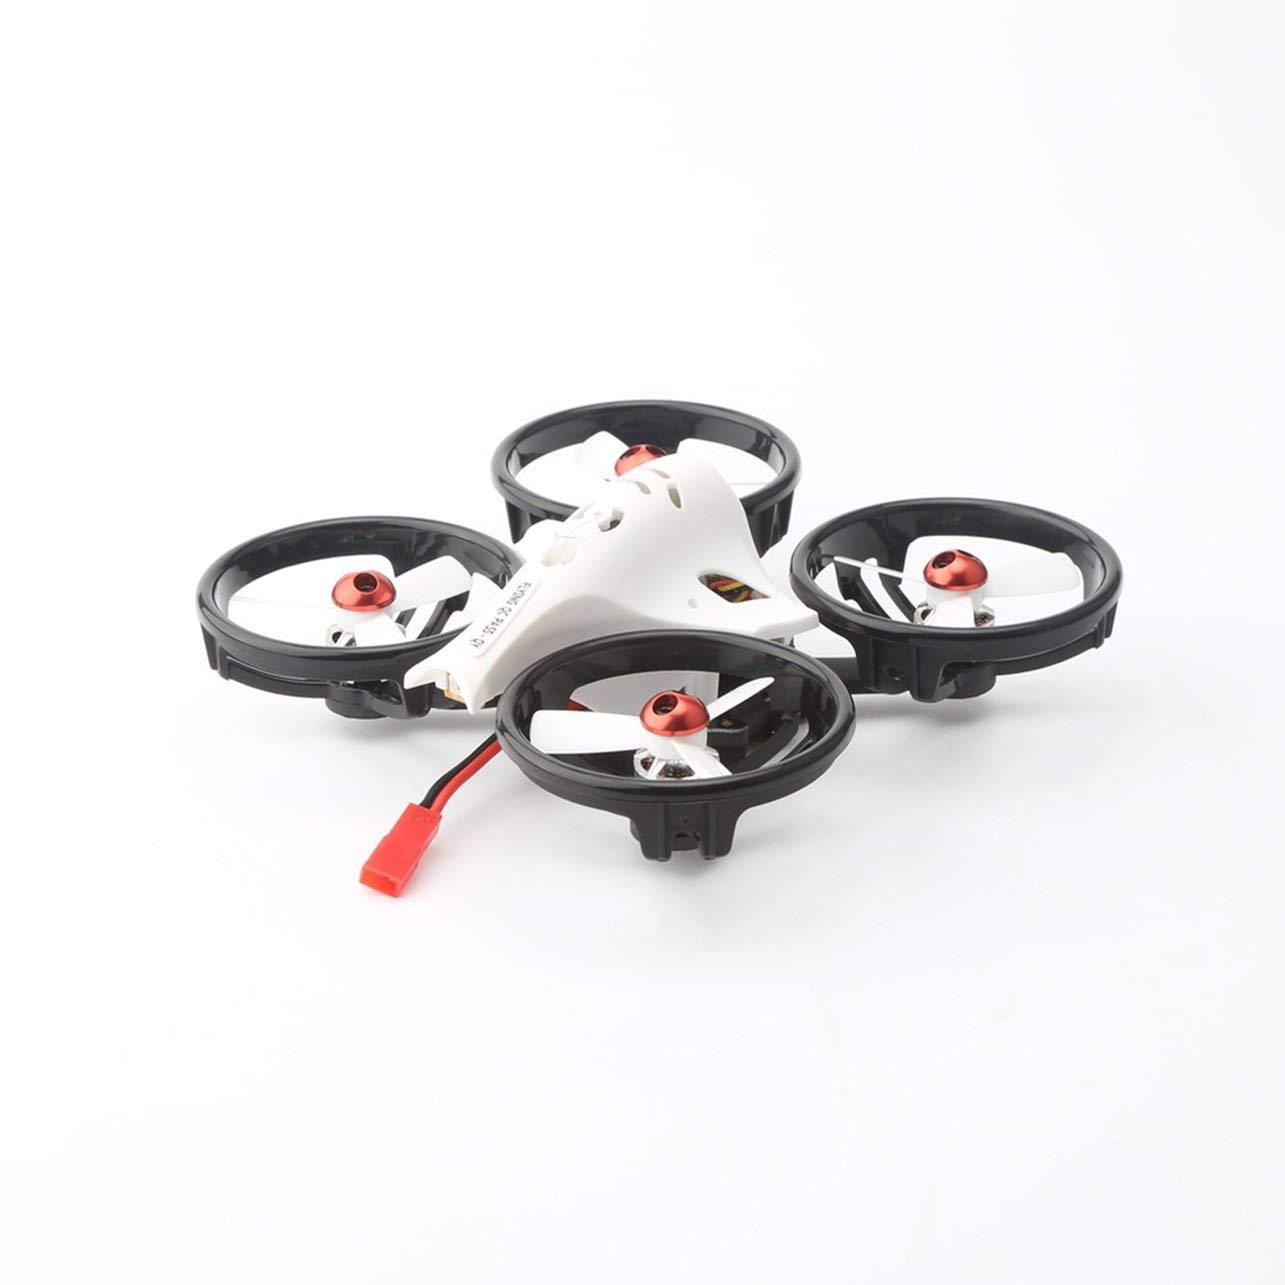 ahorra 50% -75% de descuento WOSOSYEYO LDARC ET100 5.8G Receptor AC900 sin escobillas escobillas escobillas OSD CAM FPV Mini RC Racing Drone PNP  edición limitada en caliente